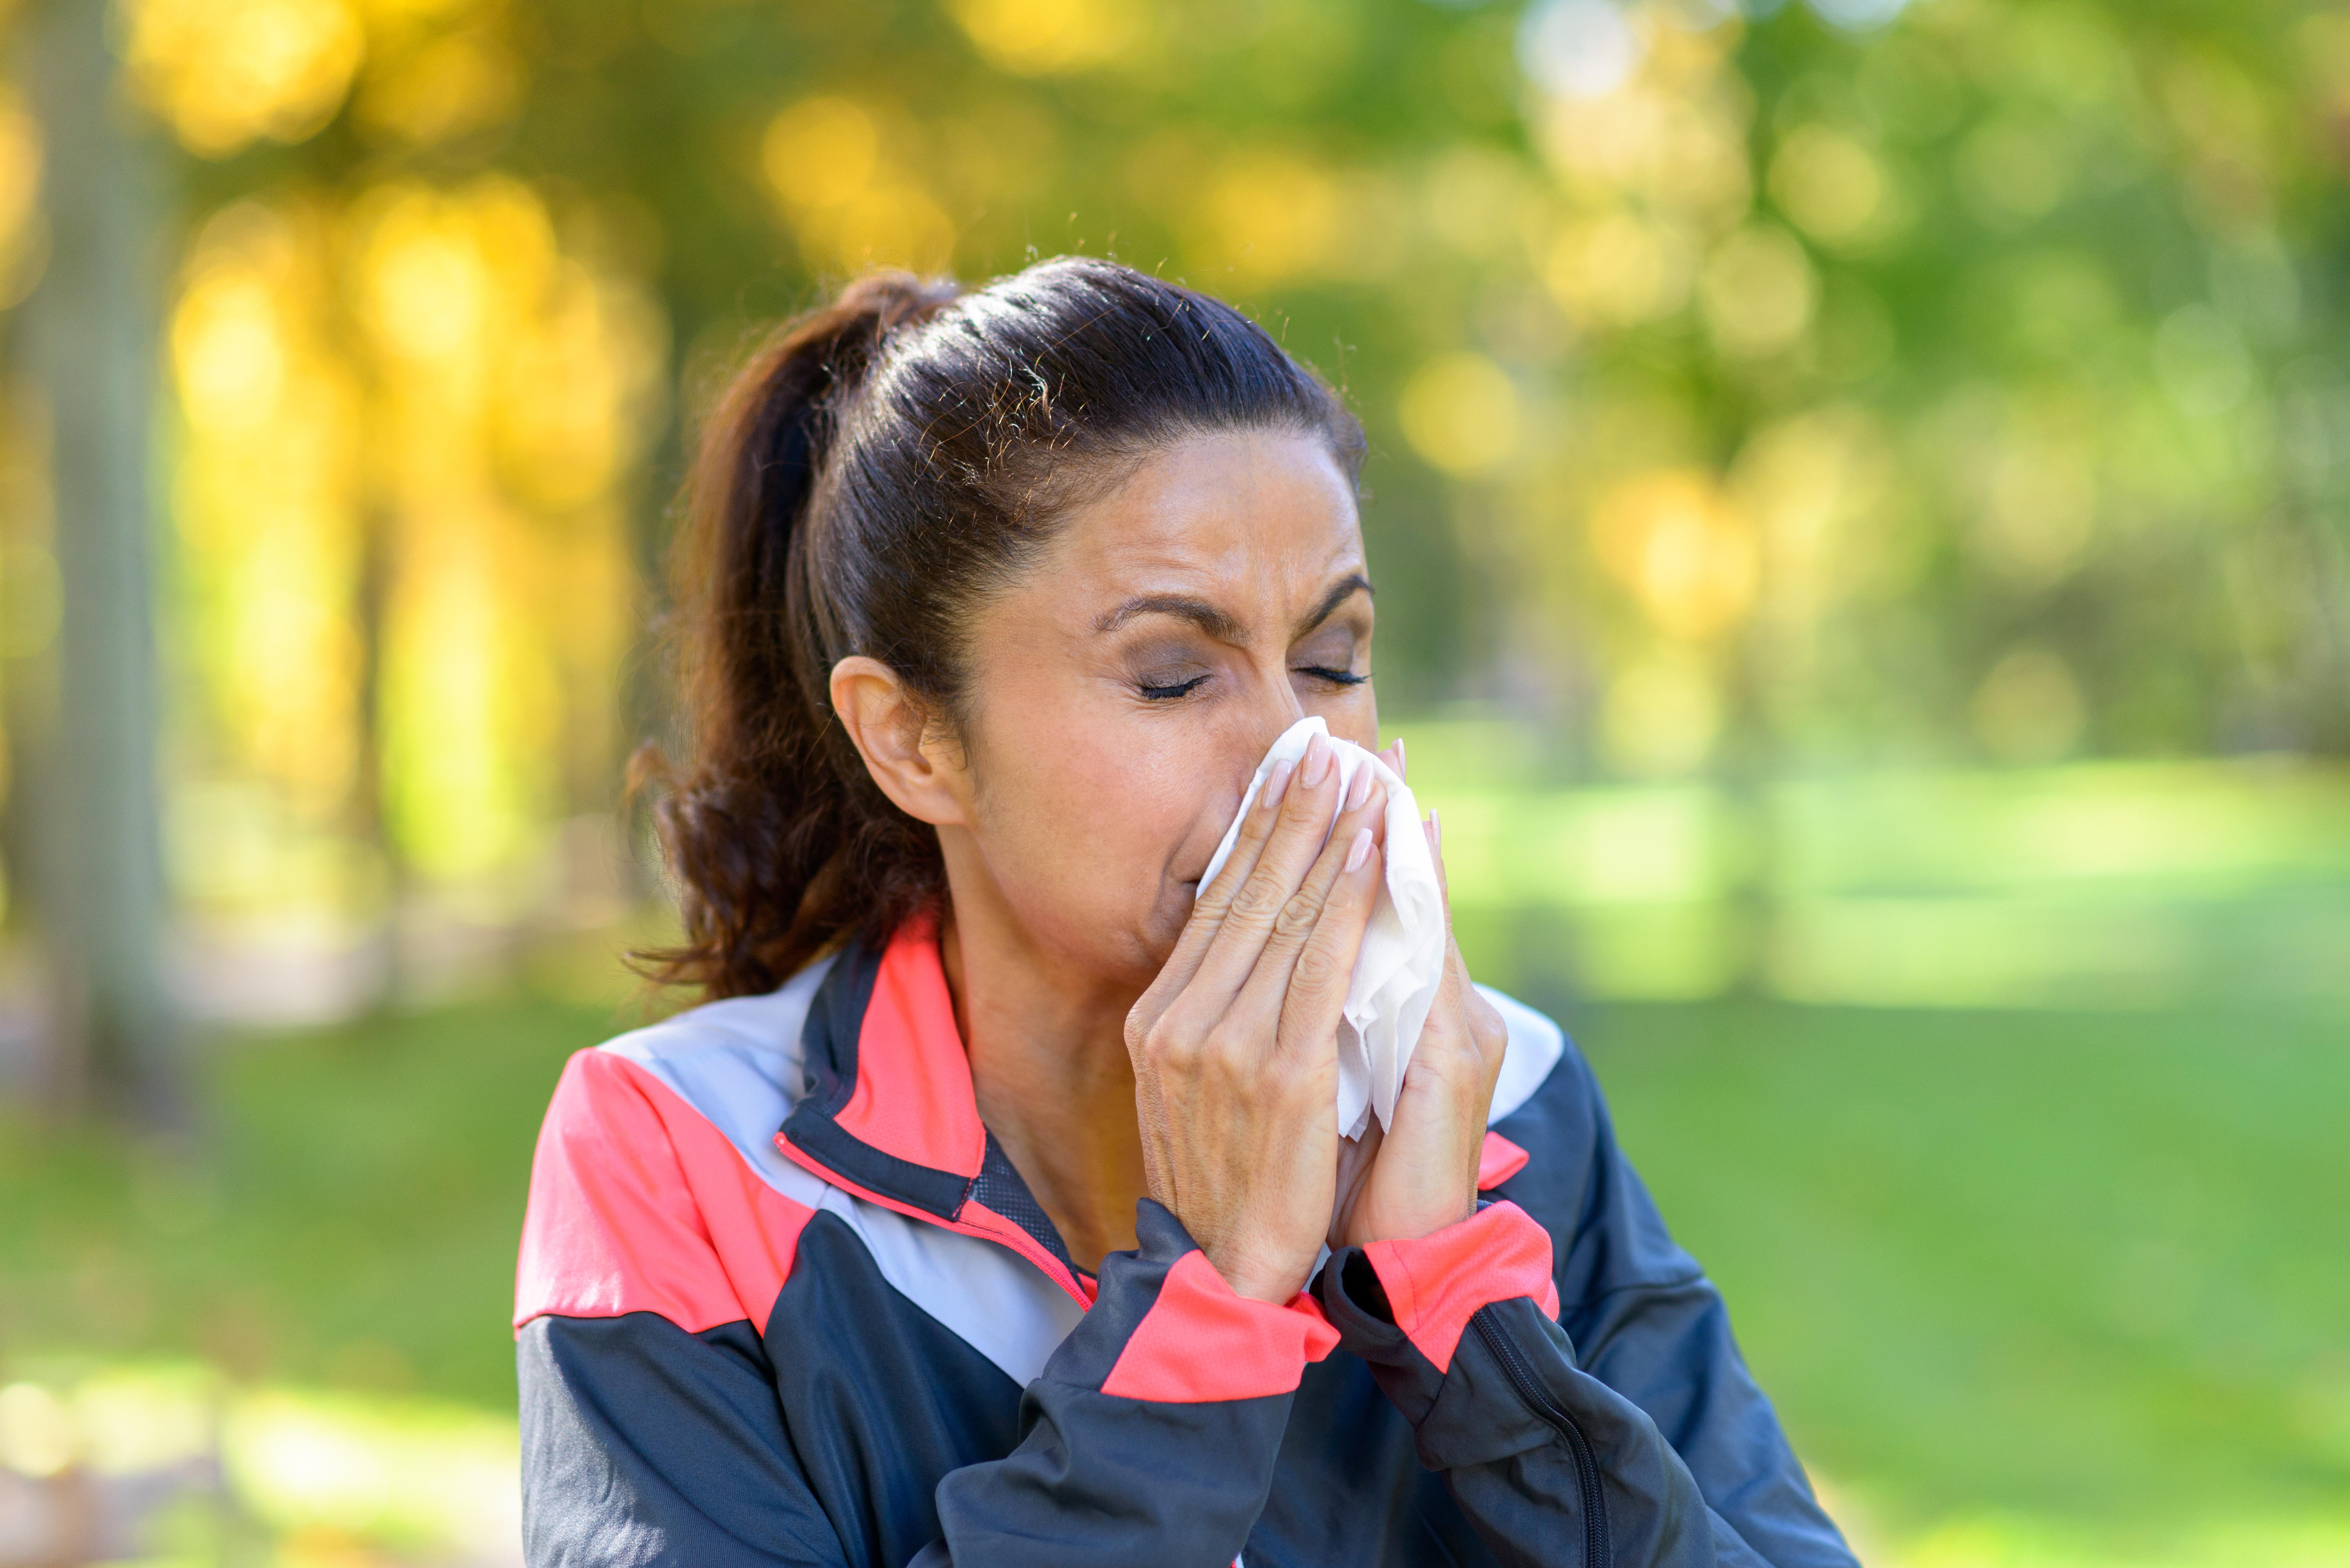 En undersökning från YouGov visar att allergin påverkar träningsvanorna hos pollenallergiker i mycket hög grad.